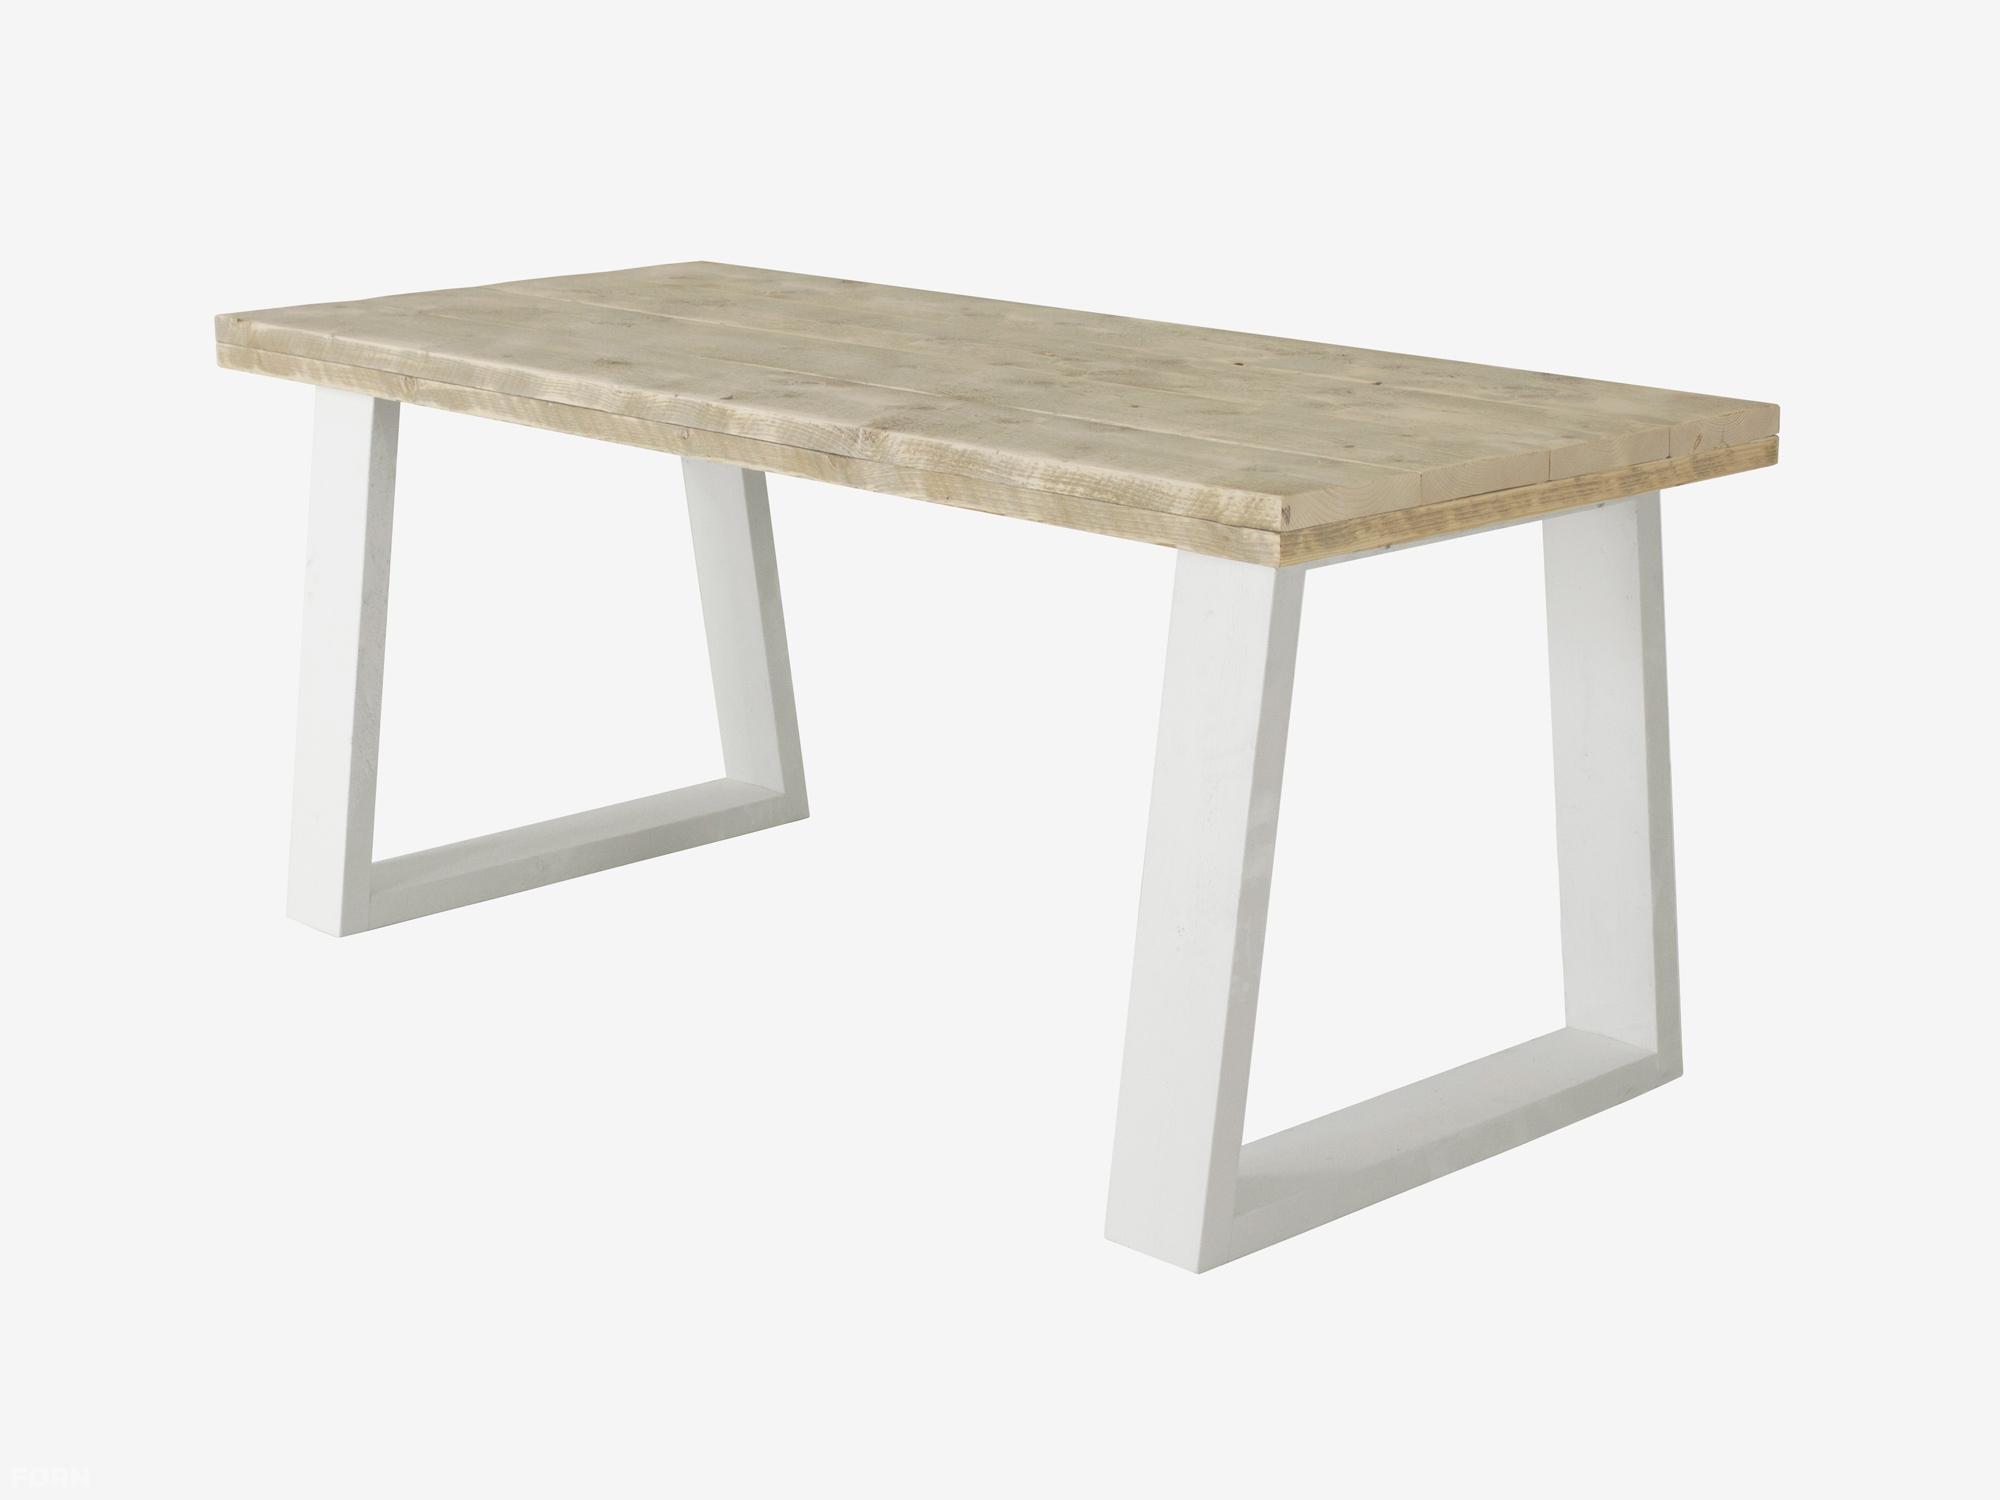 Eetkamerstoelen met houten poten eetkamerstoelen met wieltjes i love my interior eetkamerstoel - Houten tafel en stoel ...